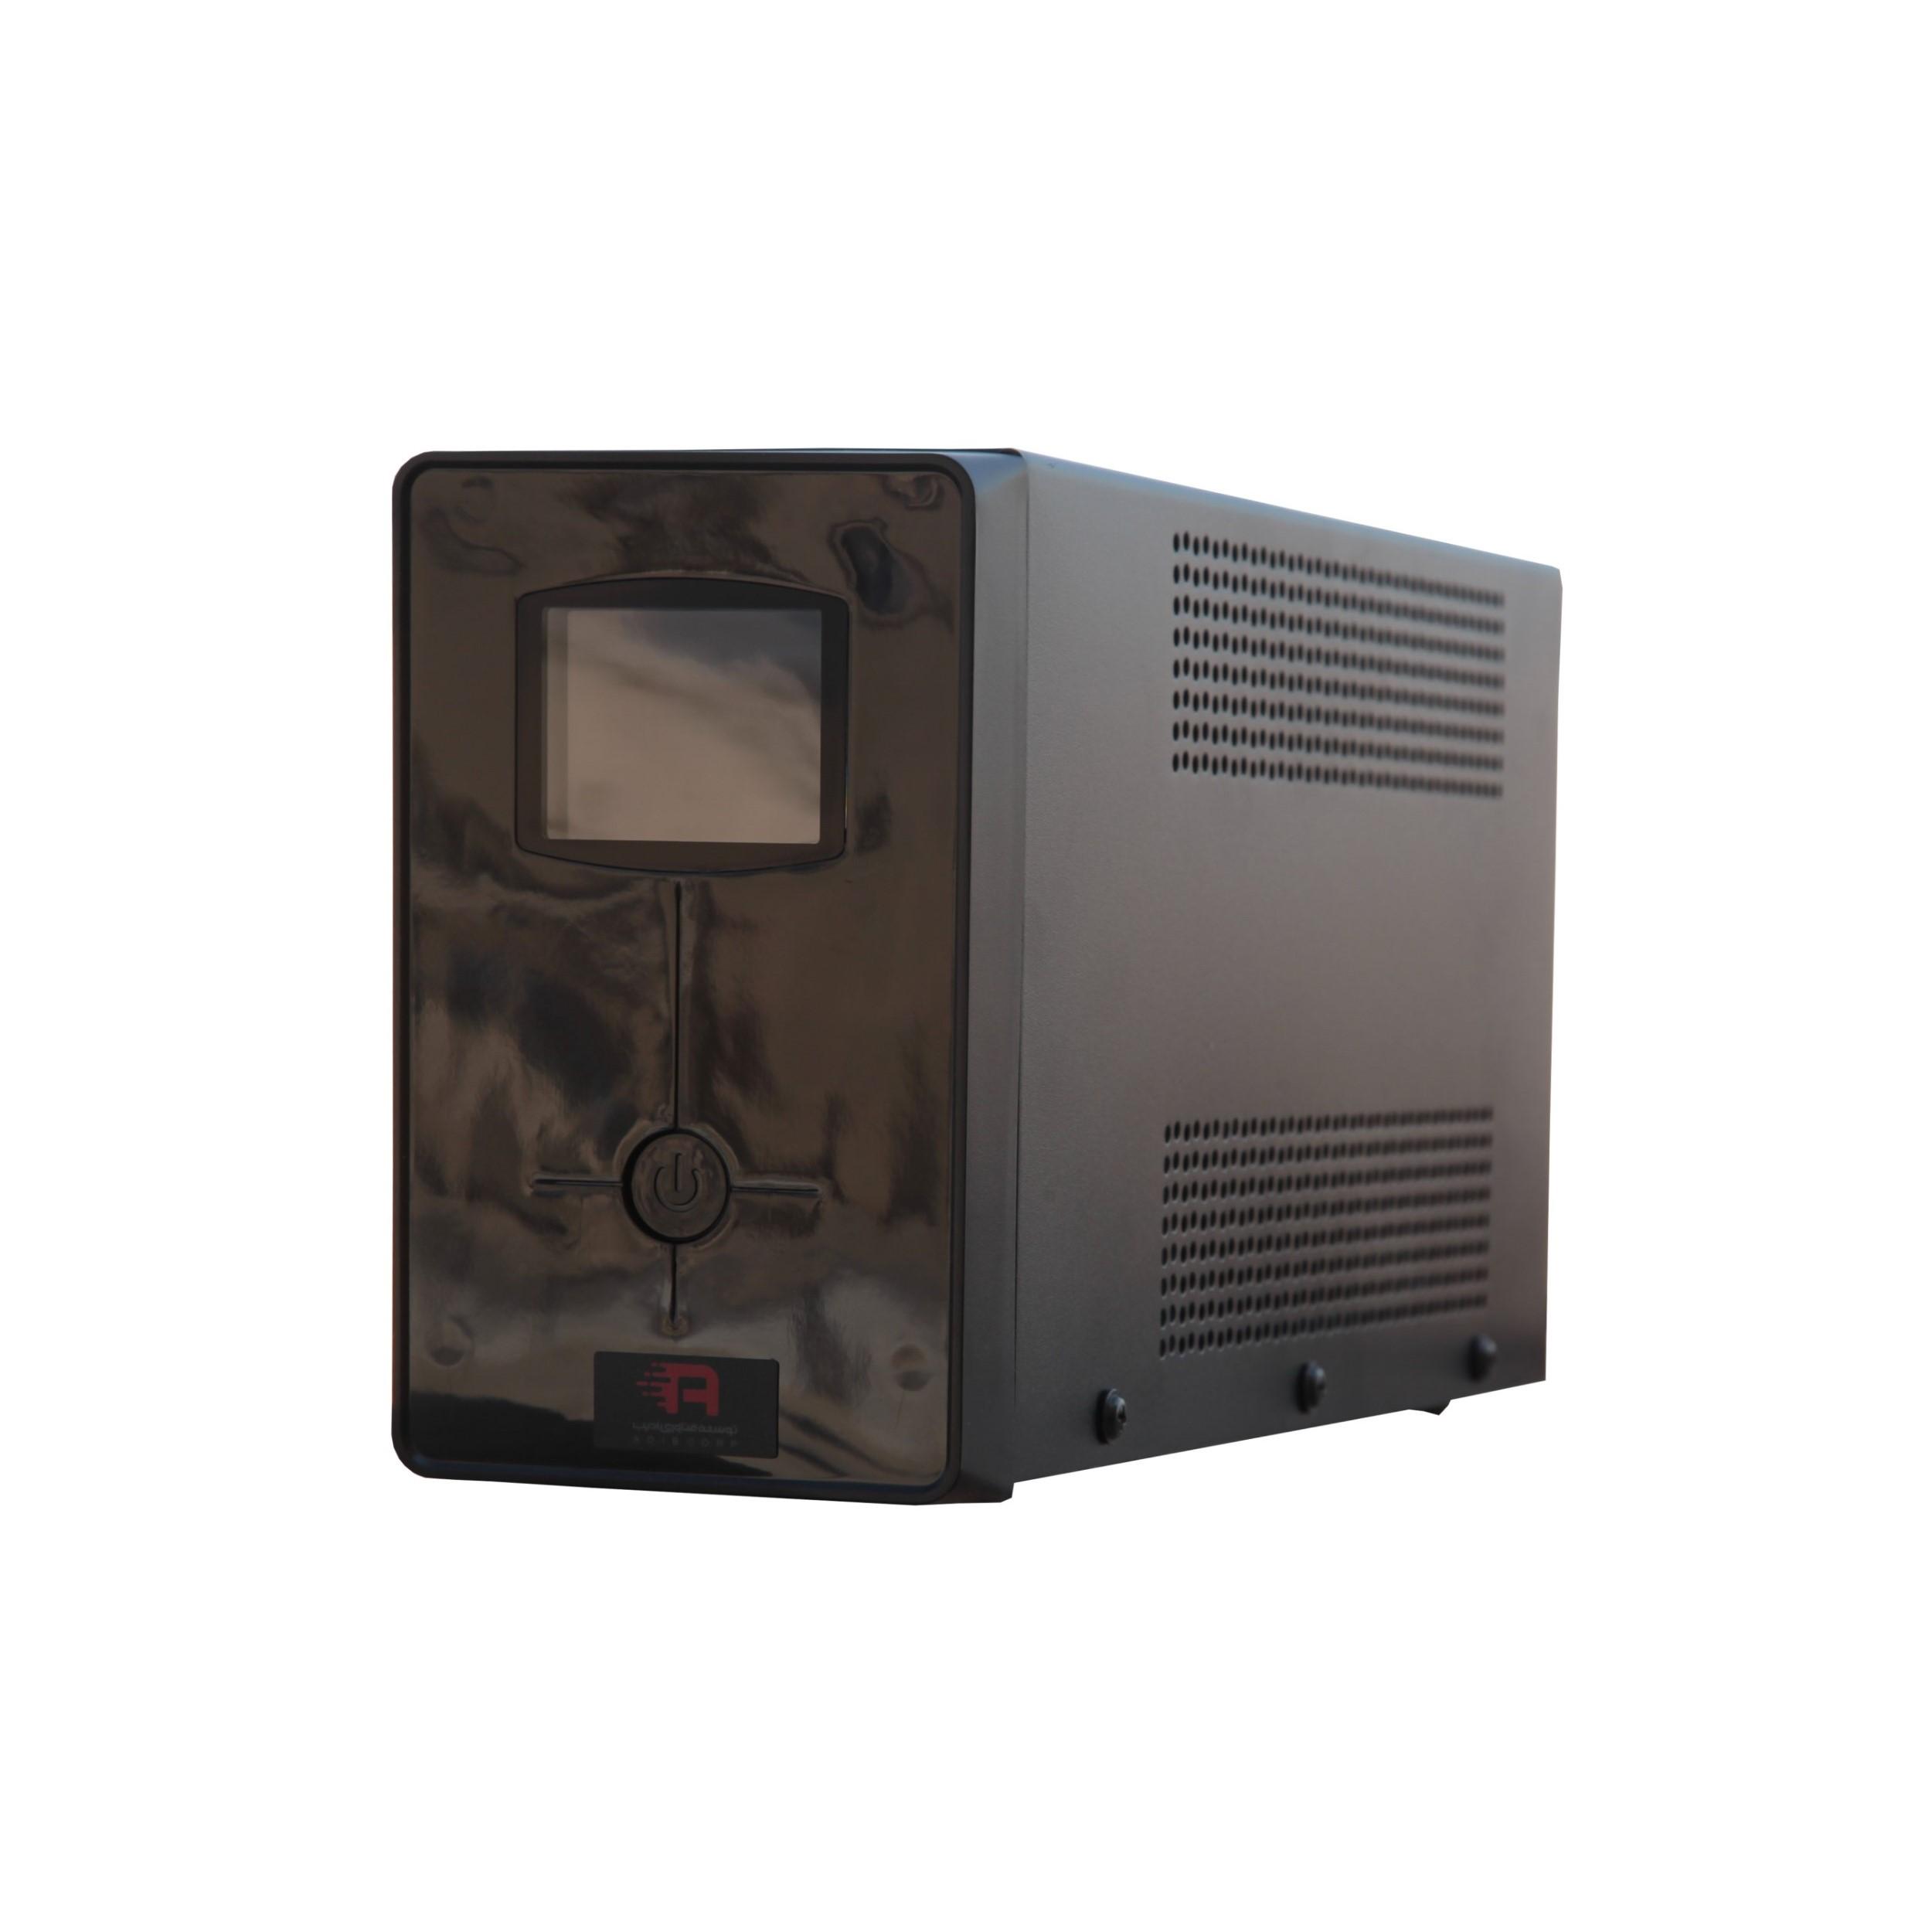 یو پی اس توسعه فناوری ادیب مدل LineI nteractive BLAZER Plus با ظرفیت 600 ولت آمپر